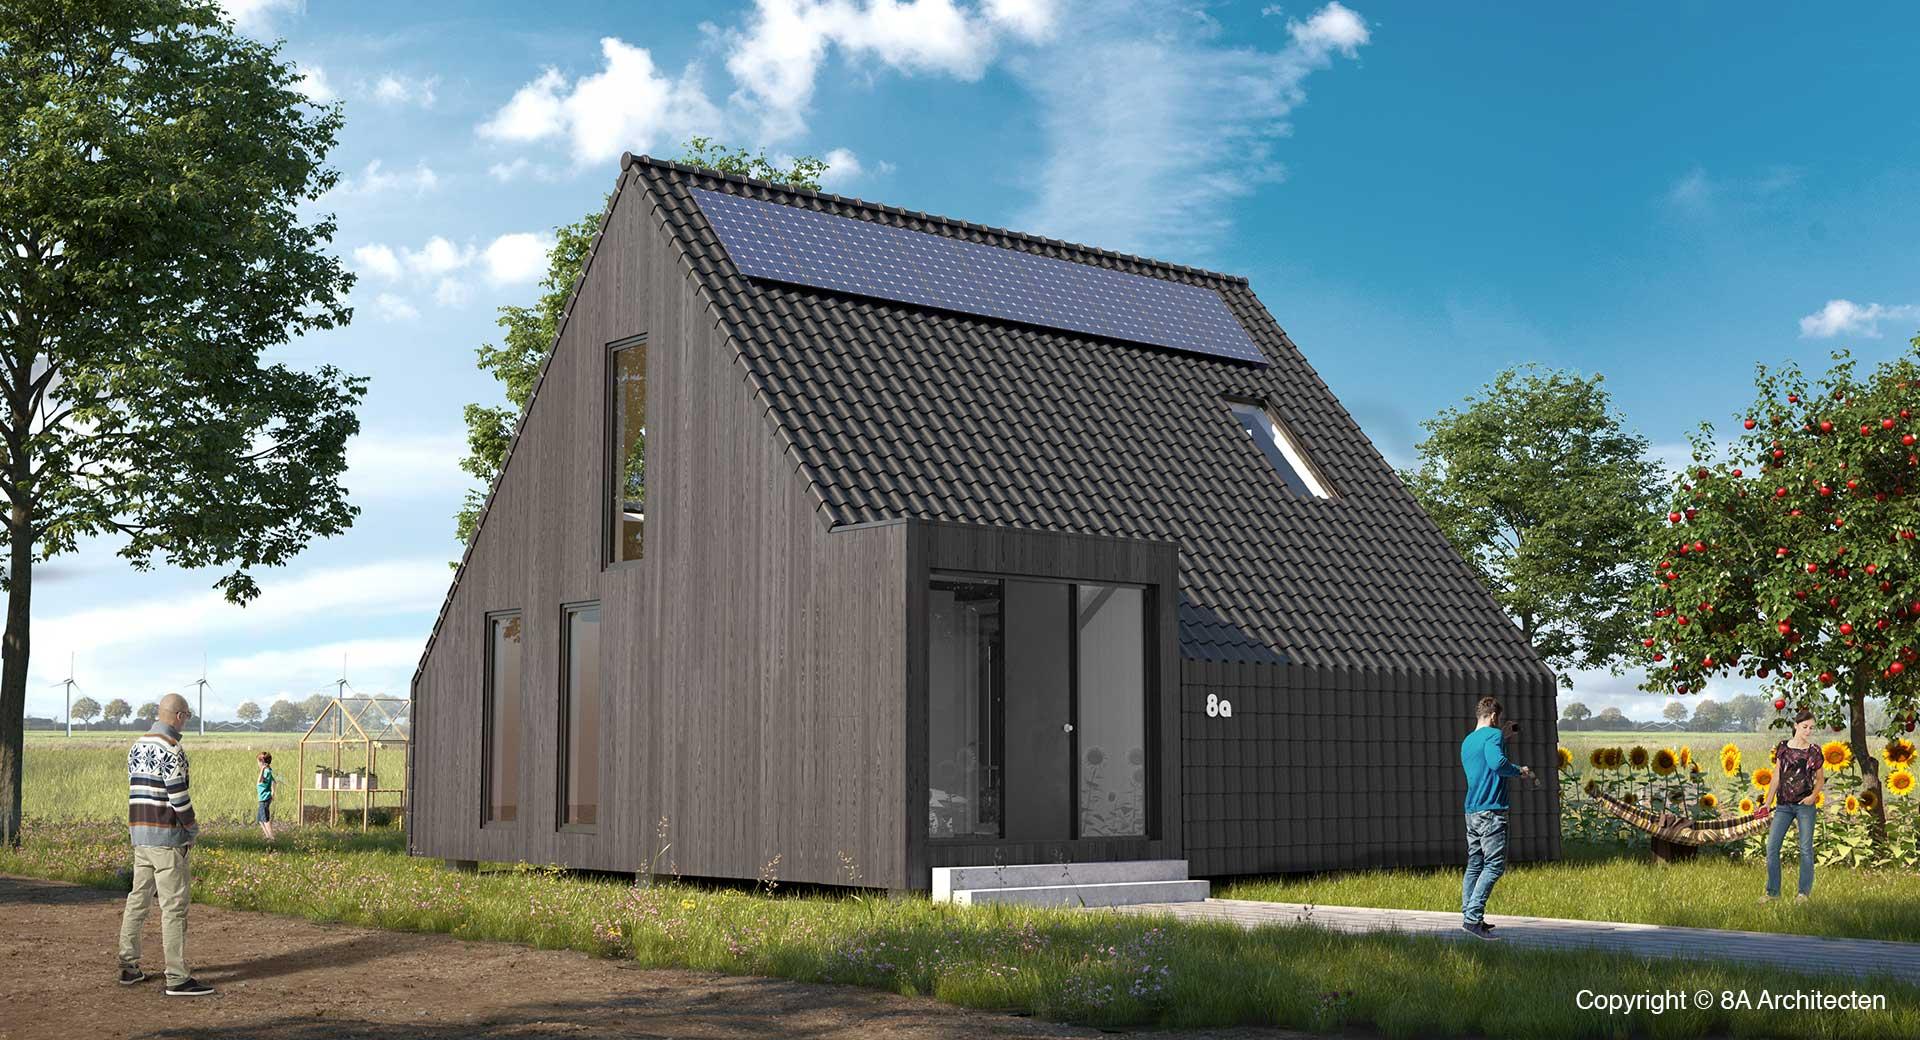 Huis met puntdak de nederzetting for Bouwkosten huis